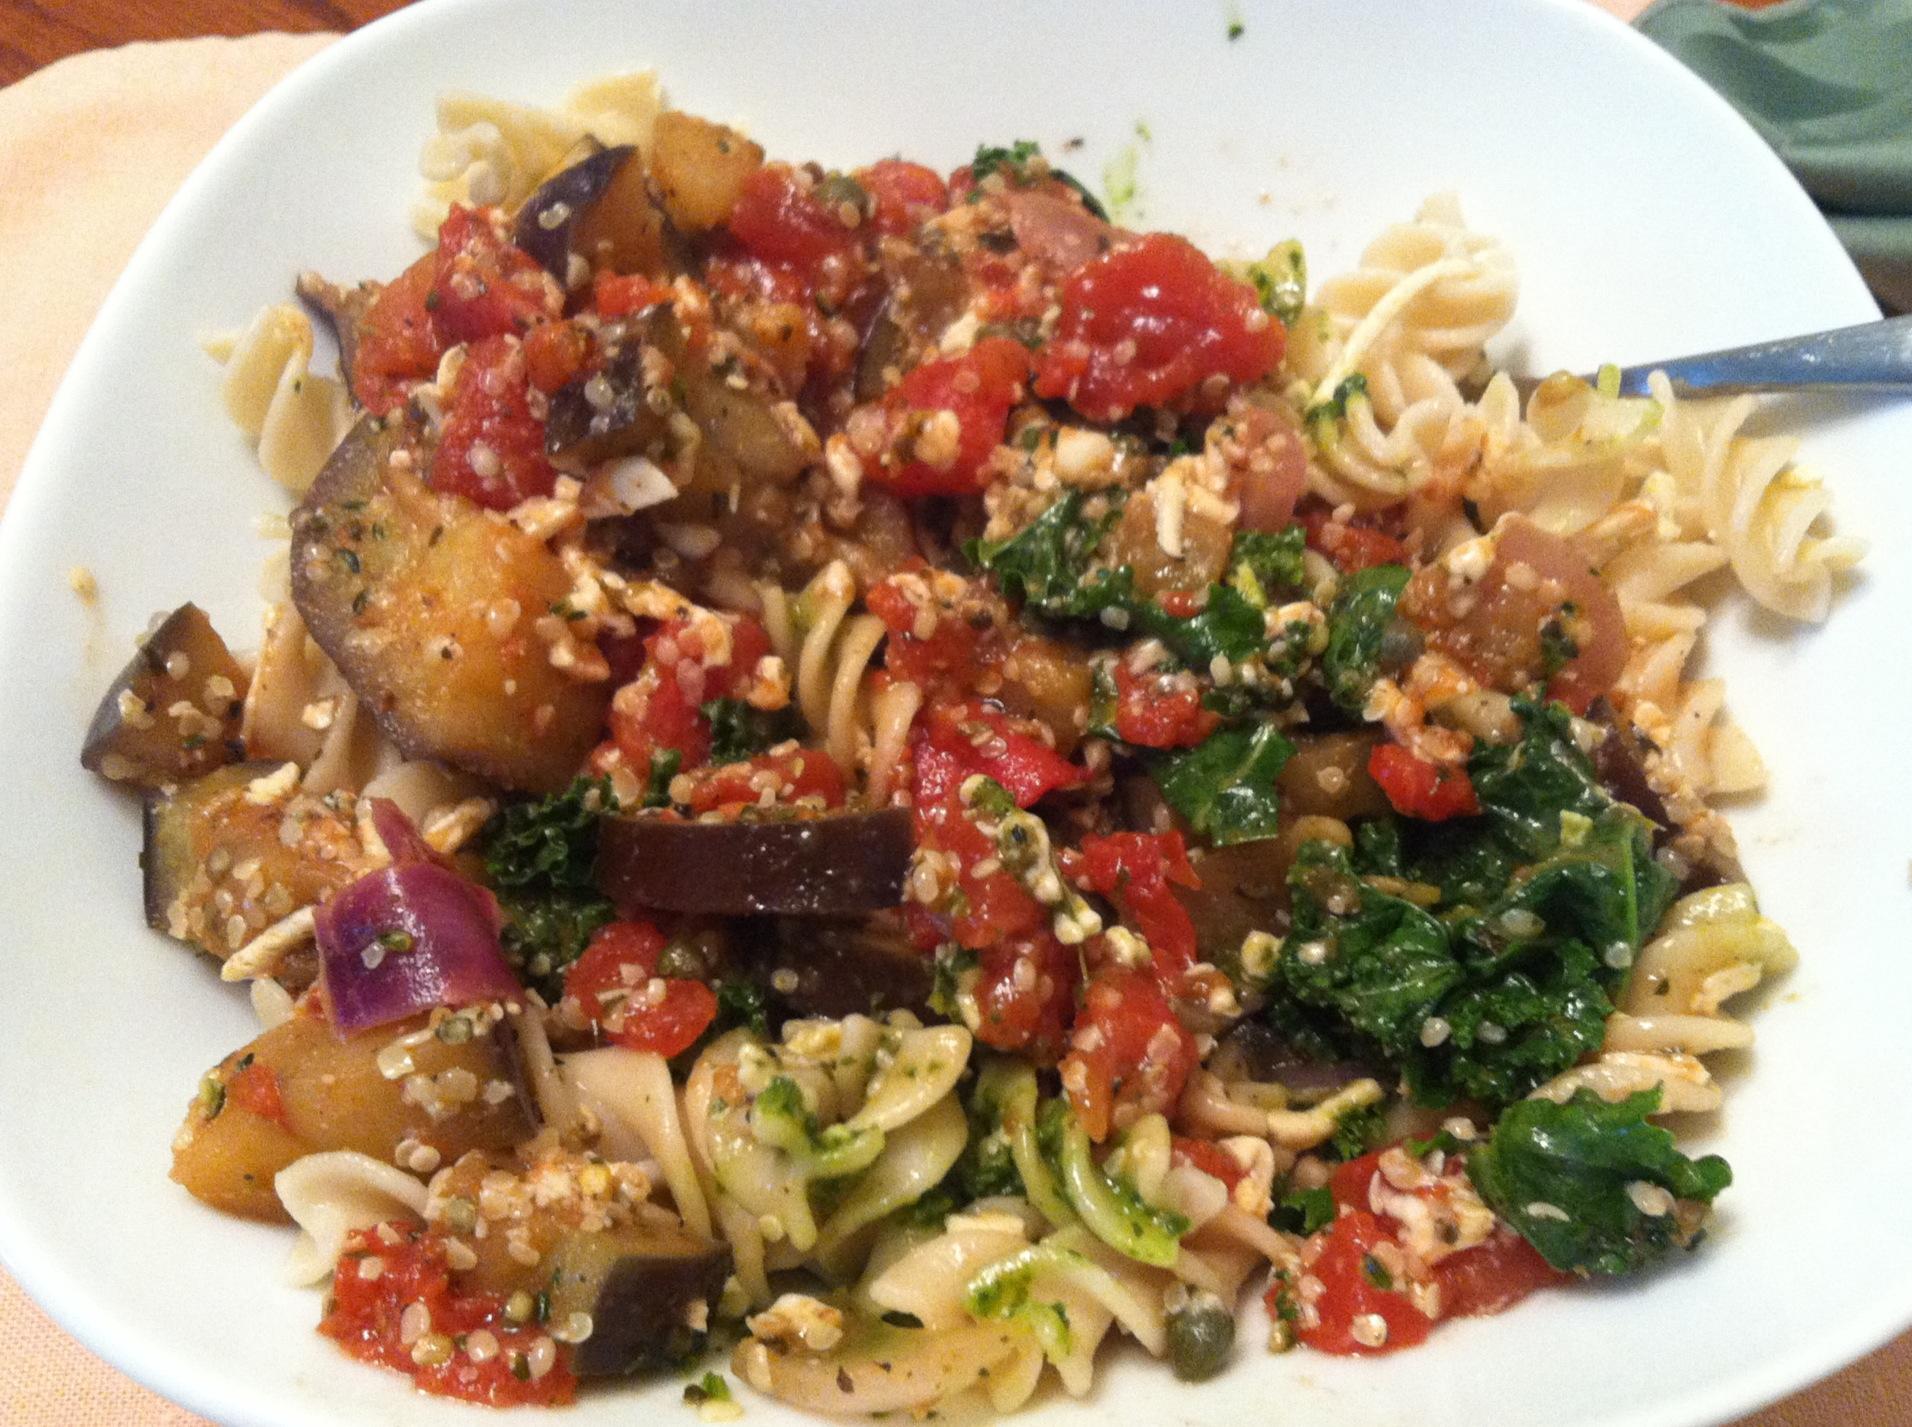 Gluten-free Vegan Eggplant Pesto Pomodoro